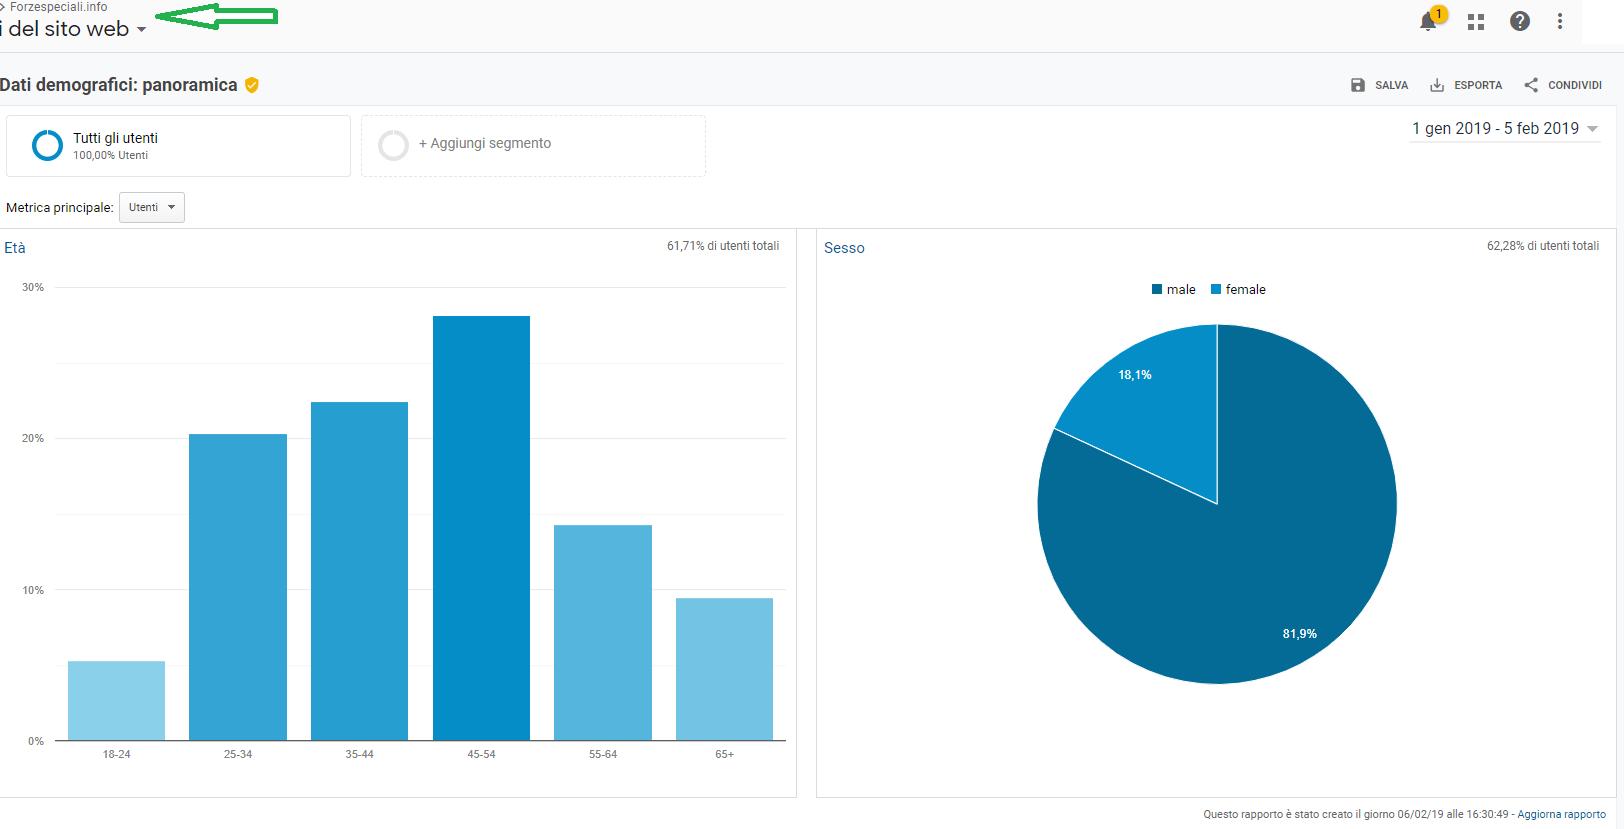 Dati demografici forzespeciali.info